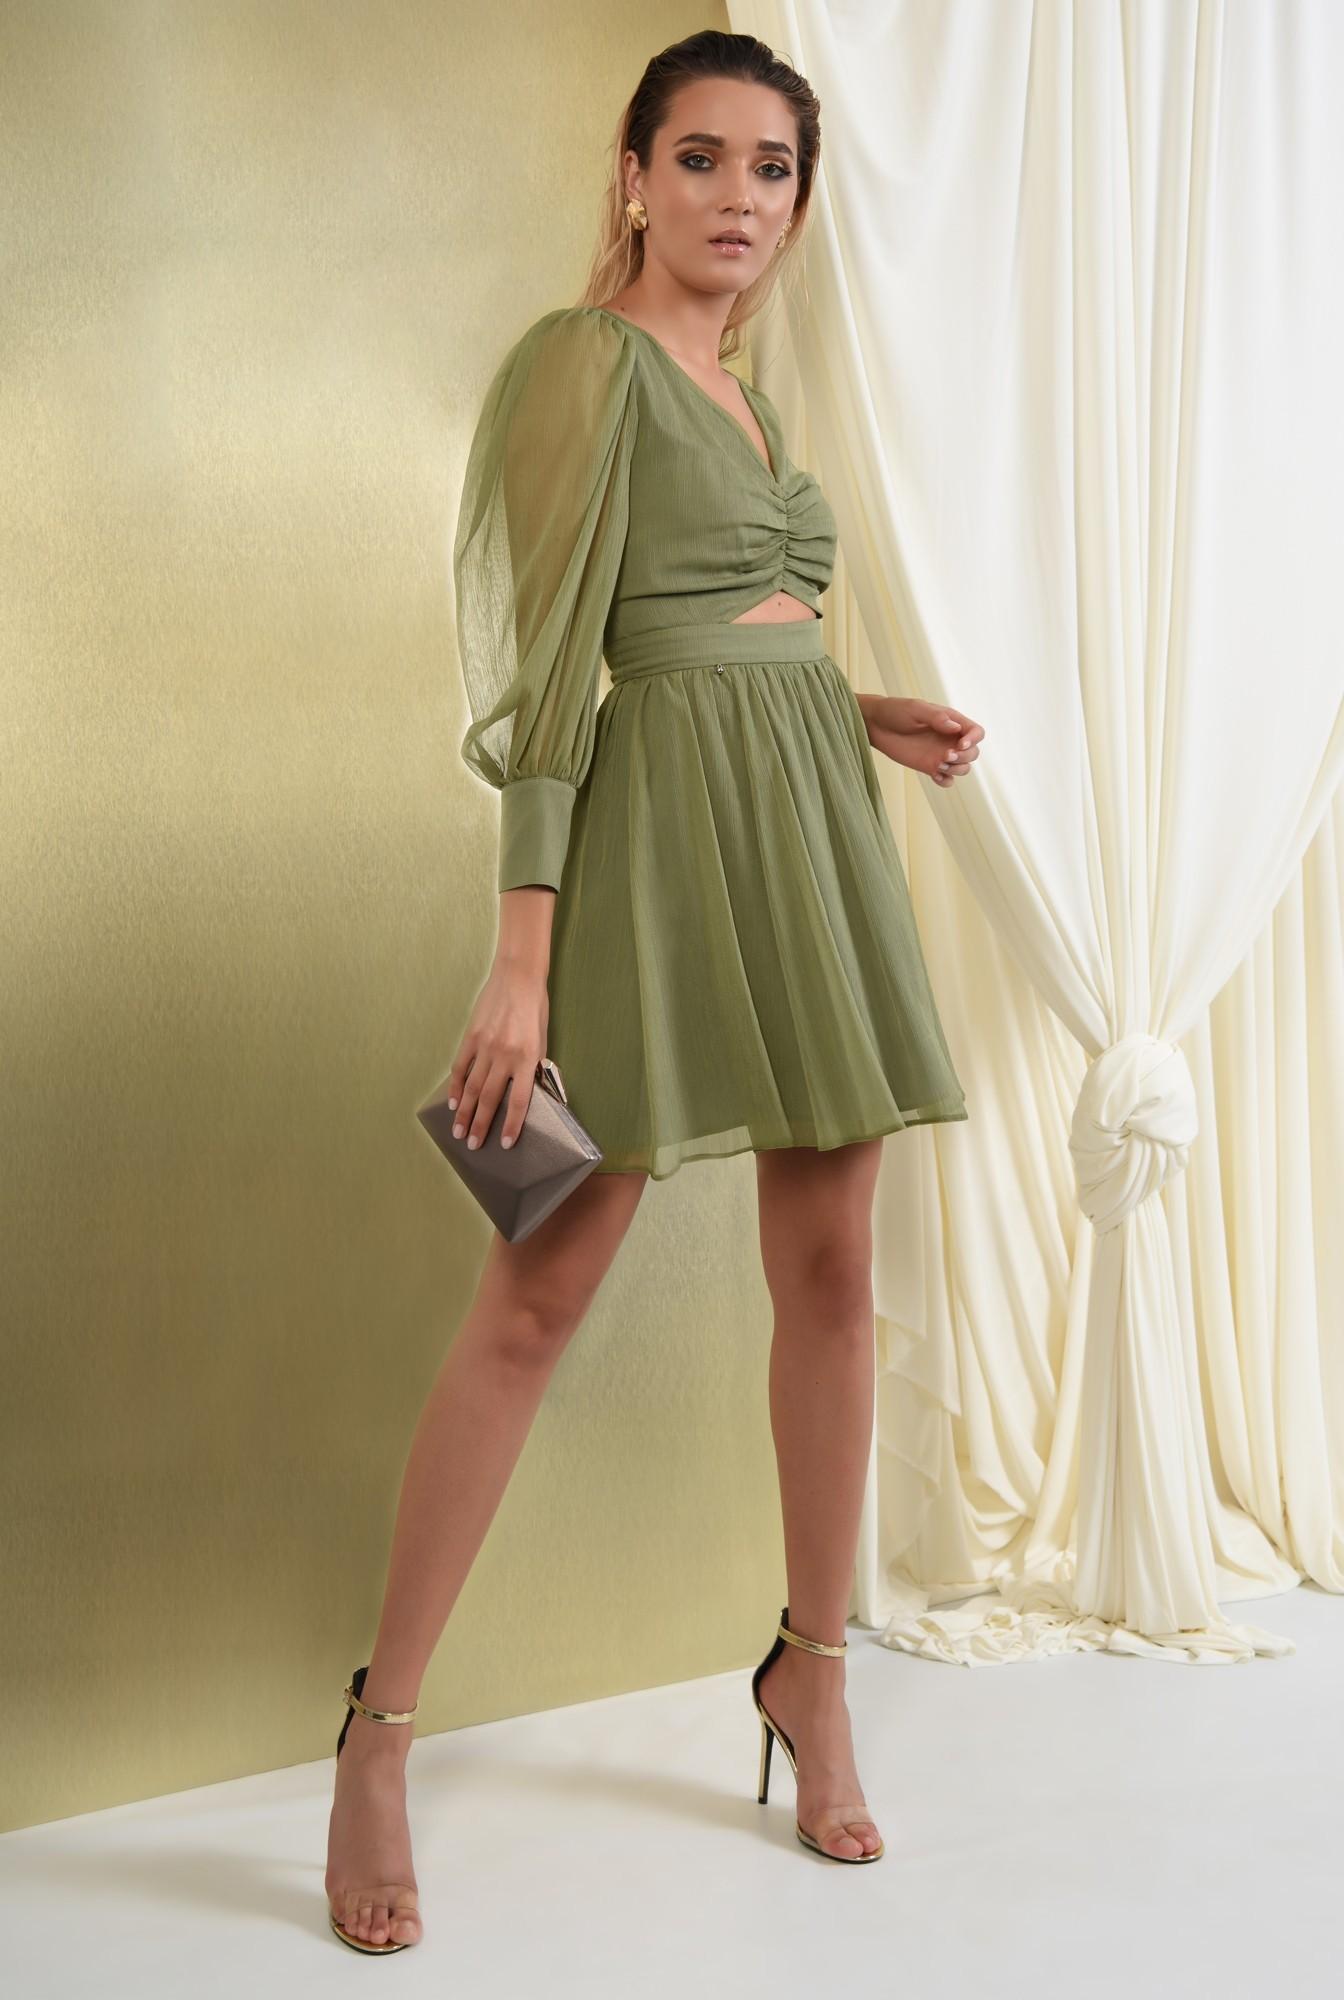 360 - rochie eleganta, din voal creponat, kaki, scurta, cu decupaj la talie